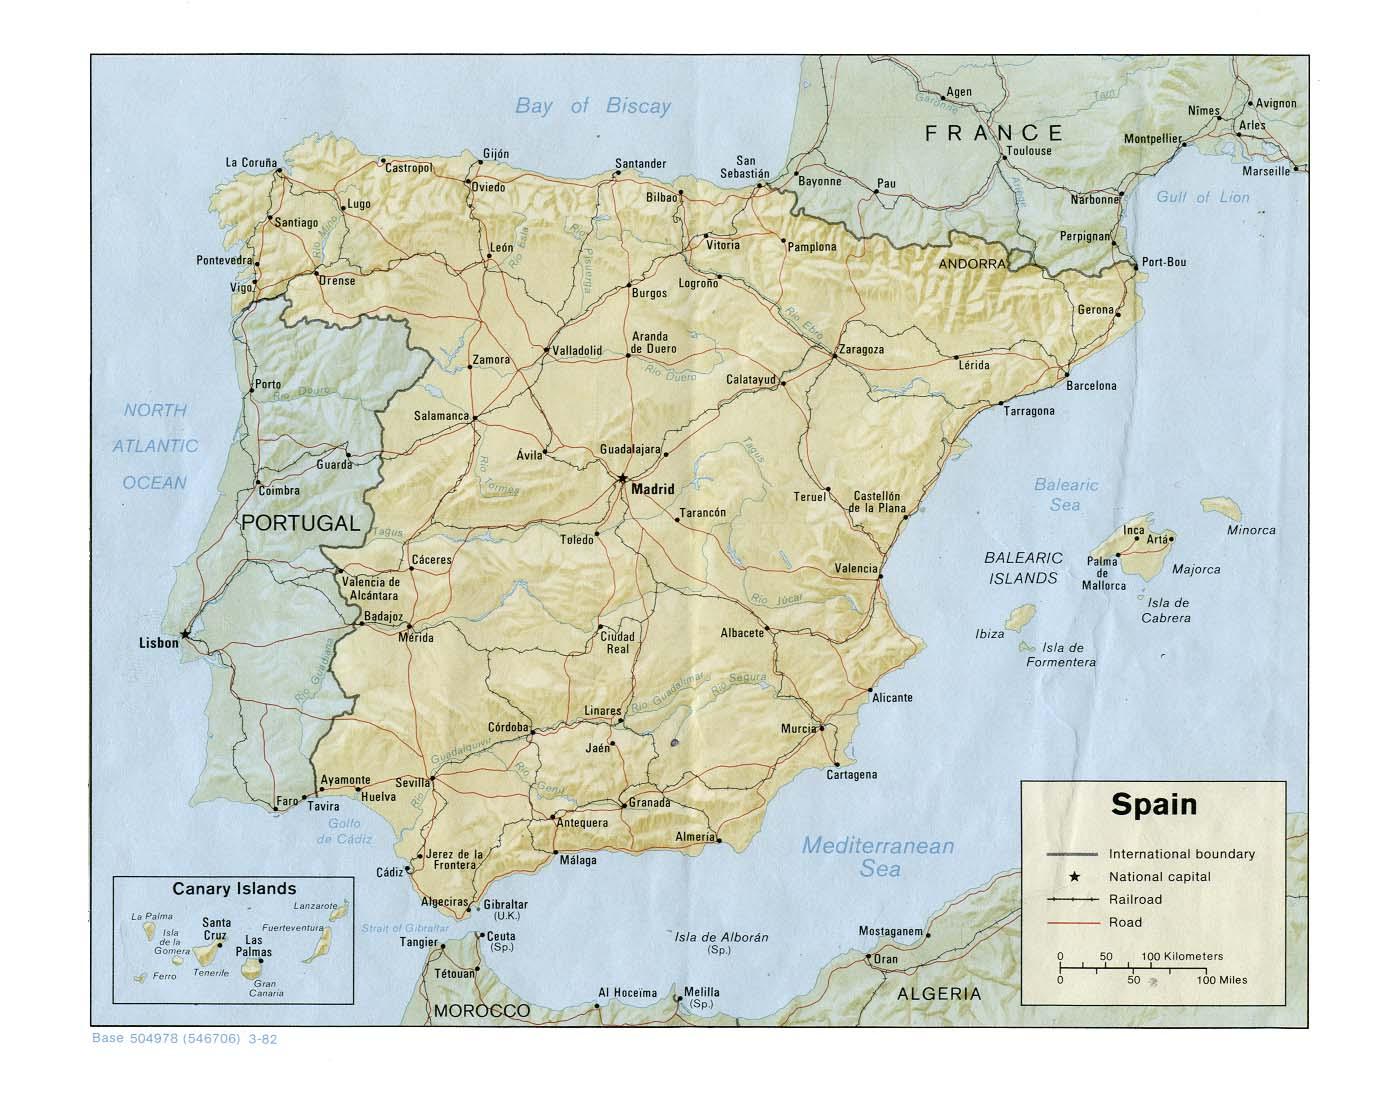 Tenerife Cartina Spagna.Spagna Cartina Fisica E Politica